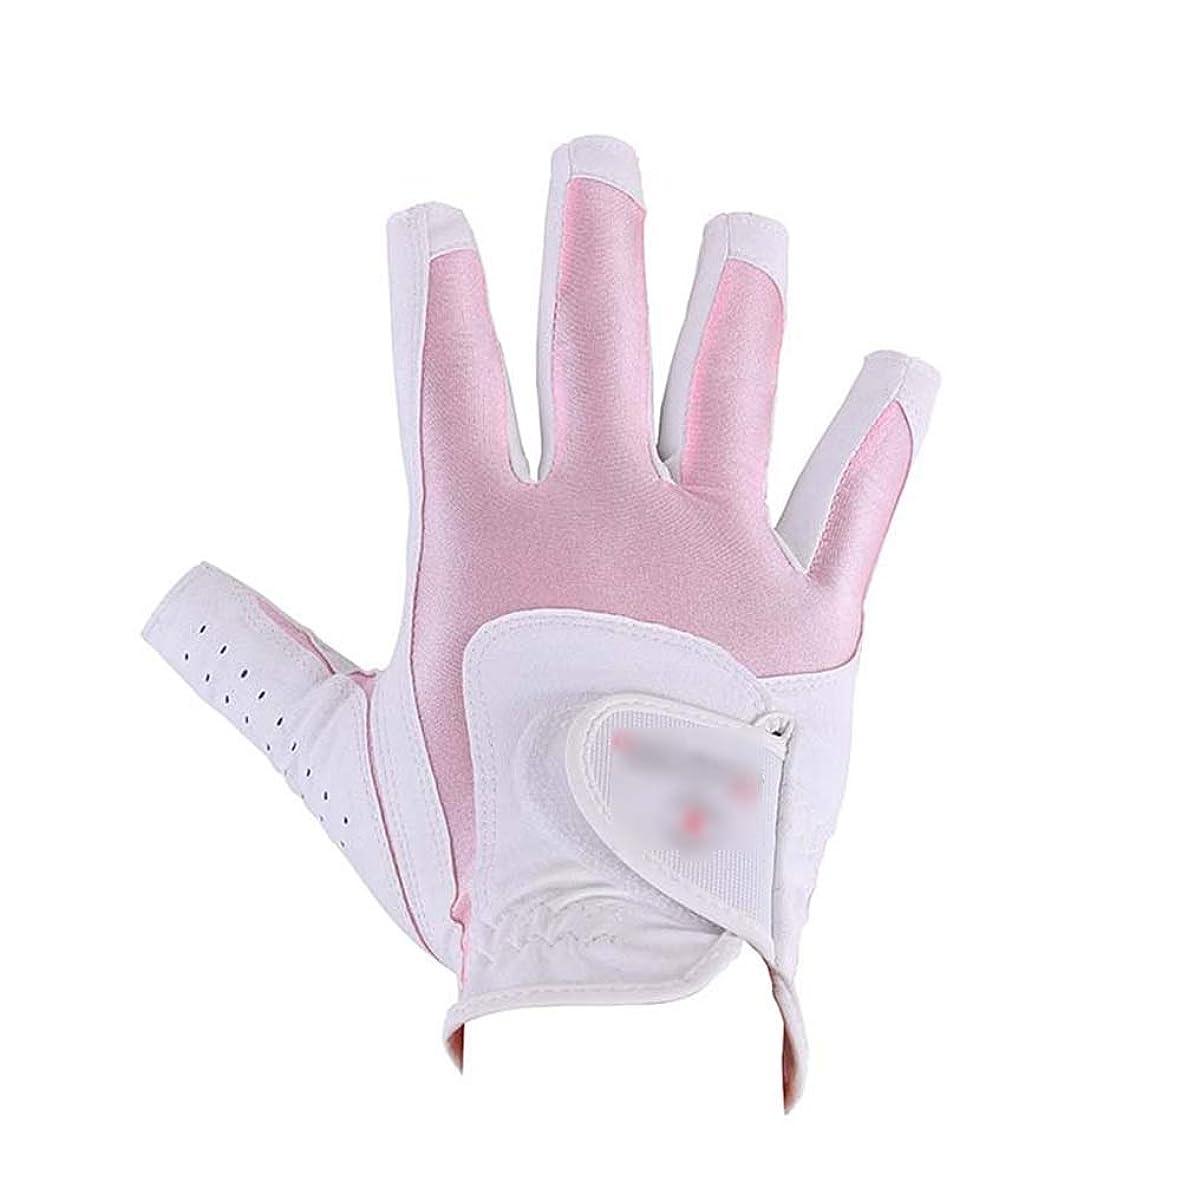 コピー連帯著名な女性の指なし滑り止め手袋ゴルフソフト通気性手袋滑り止め柔軟な練習ゴルフ手袋ホワイトピンク (色 : ピンク, サイズ : M)